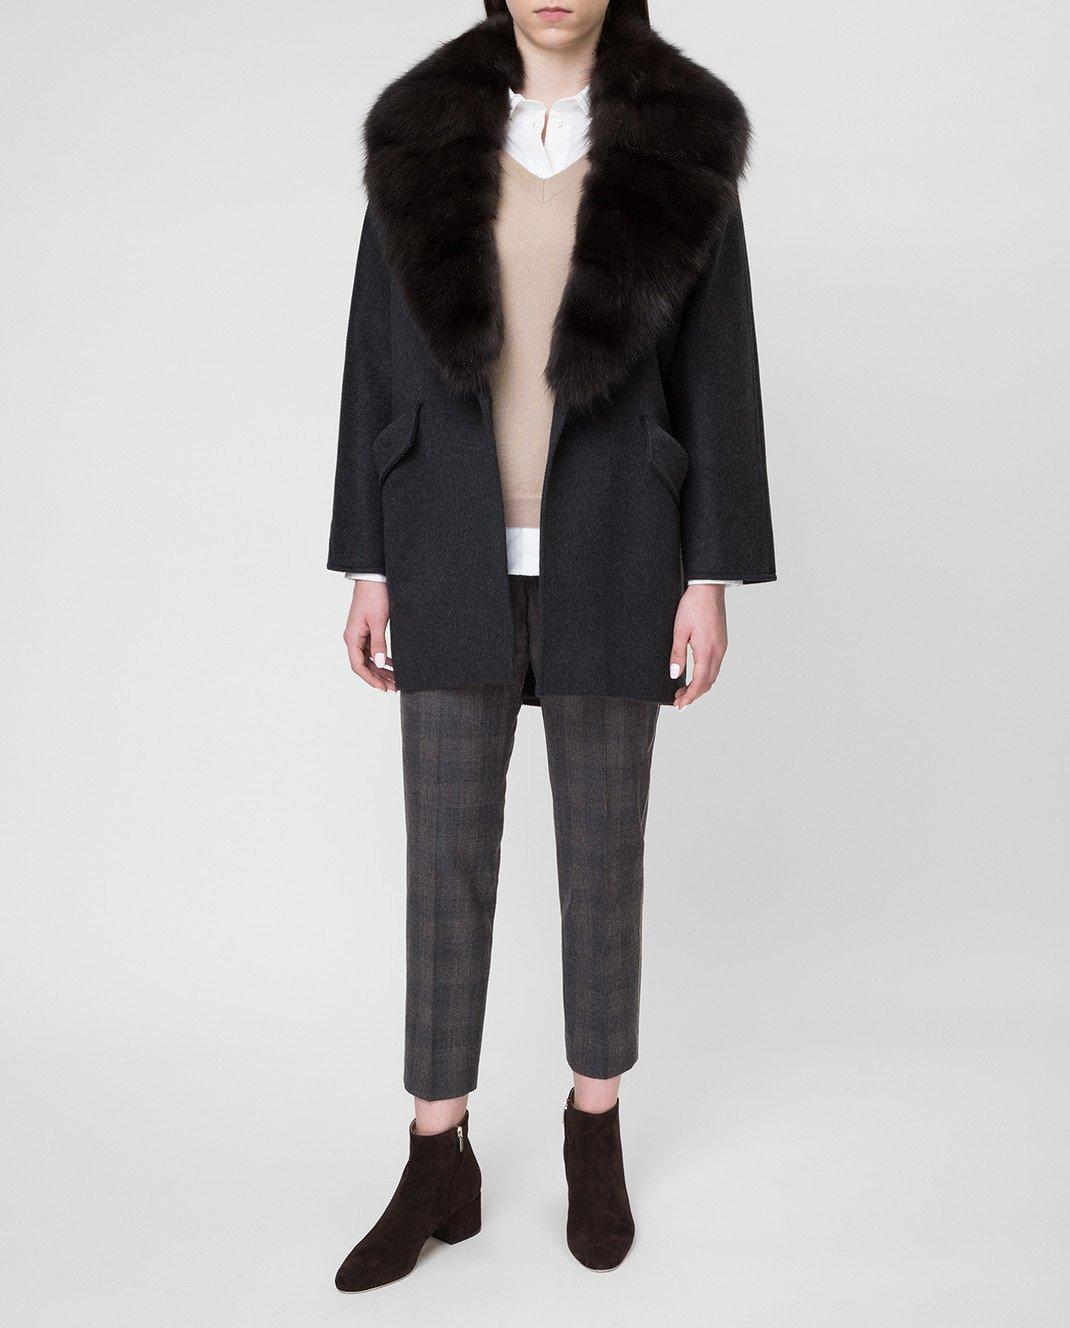 Real Furs House Черное пальто QSR433 изображение 2